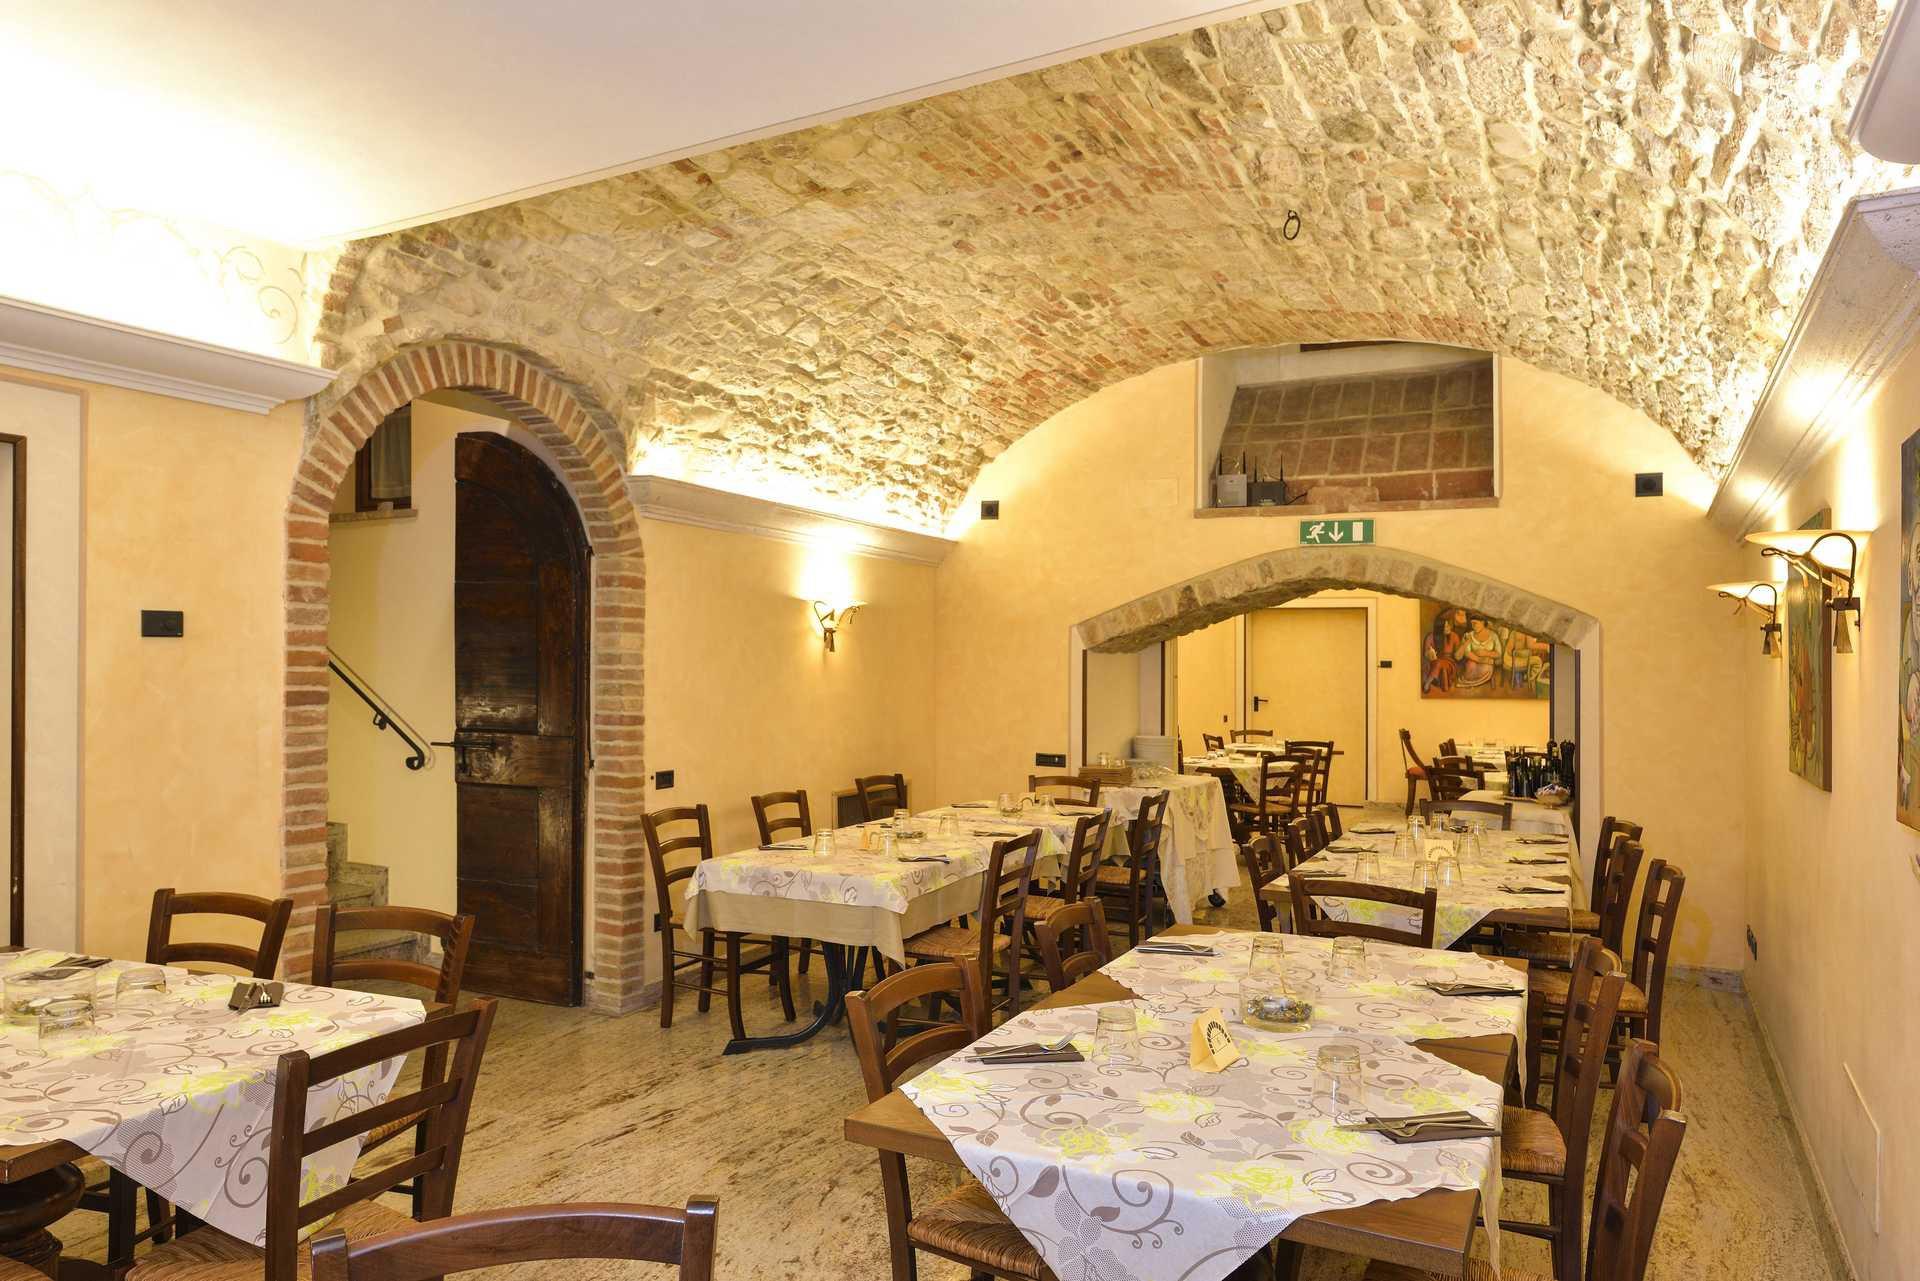 Hotel Fonte Cesia - Le Cisterne Pizza & Restaurant